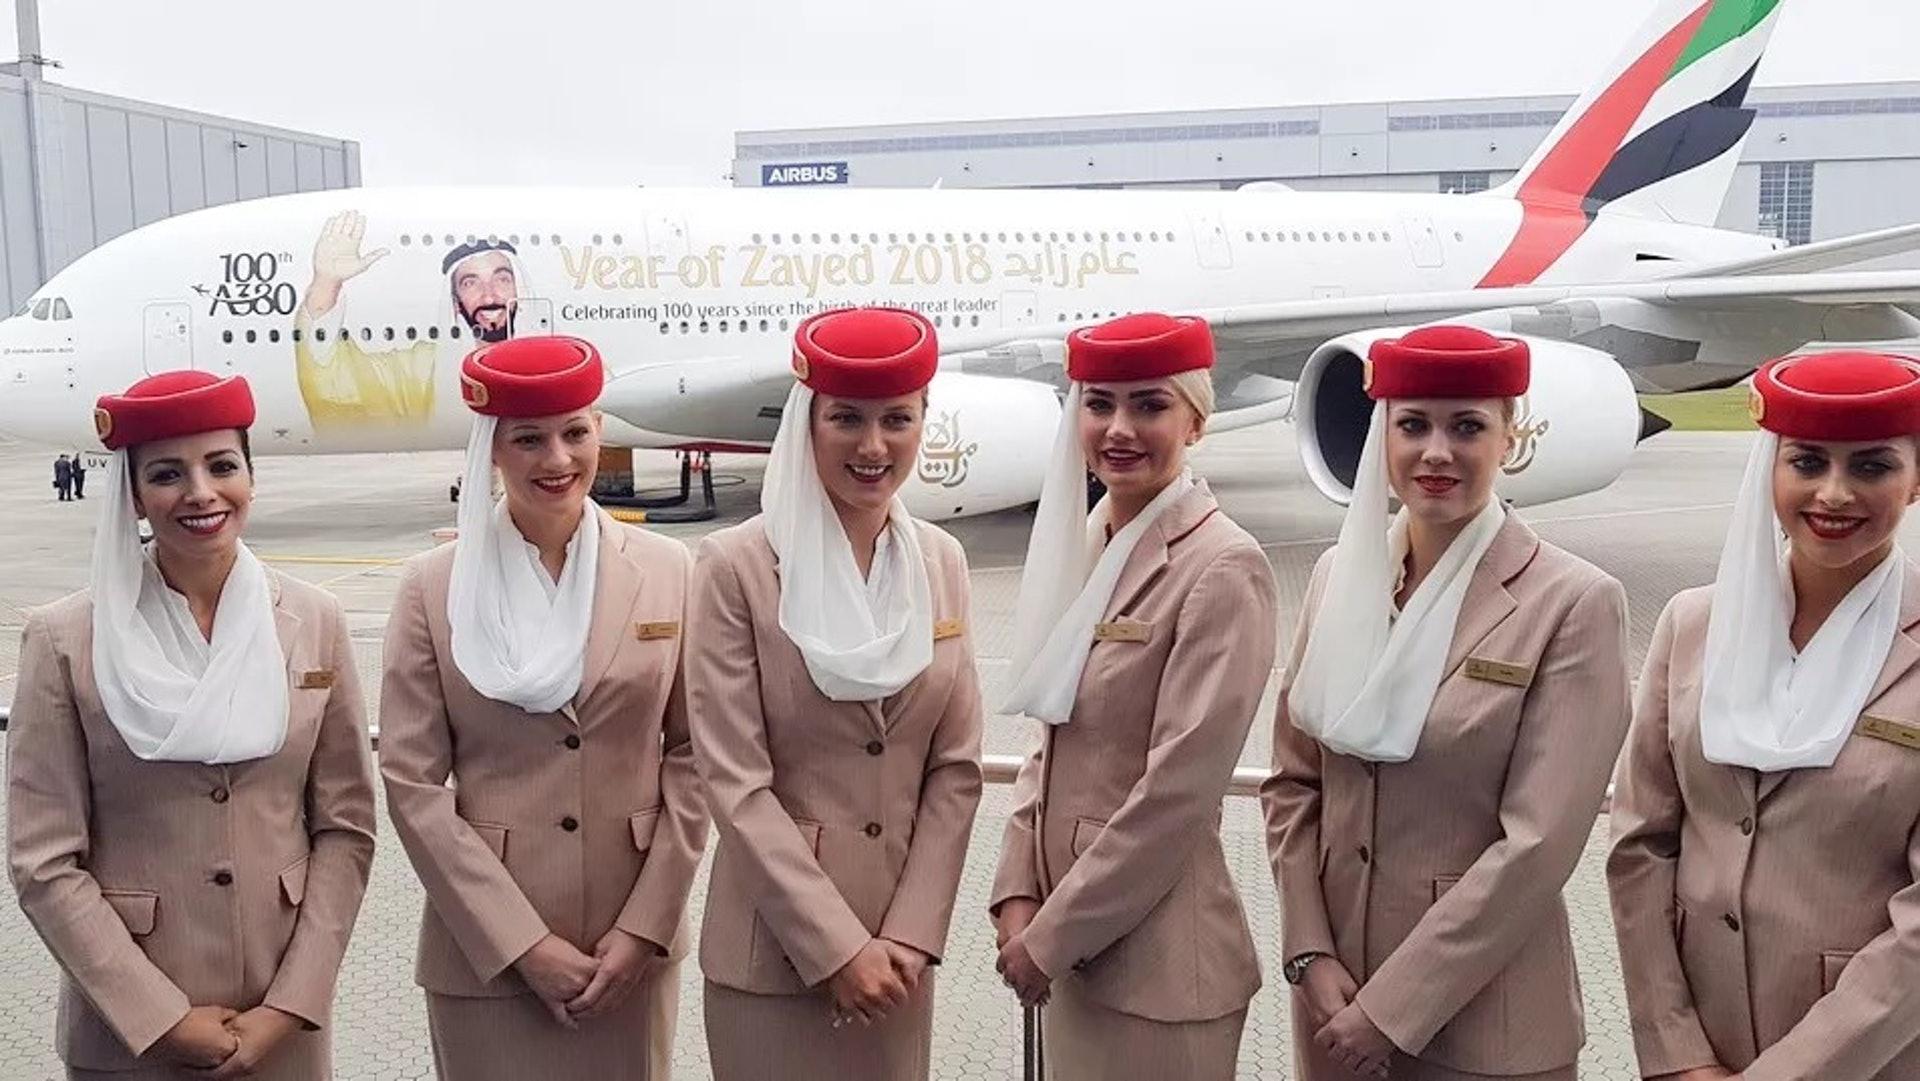 阿聯酋航空的空中服務員(一条授權使用)